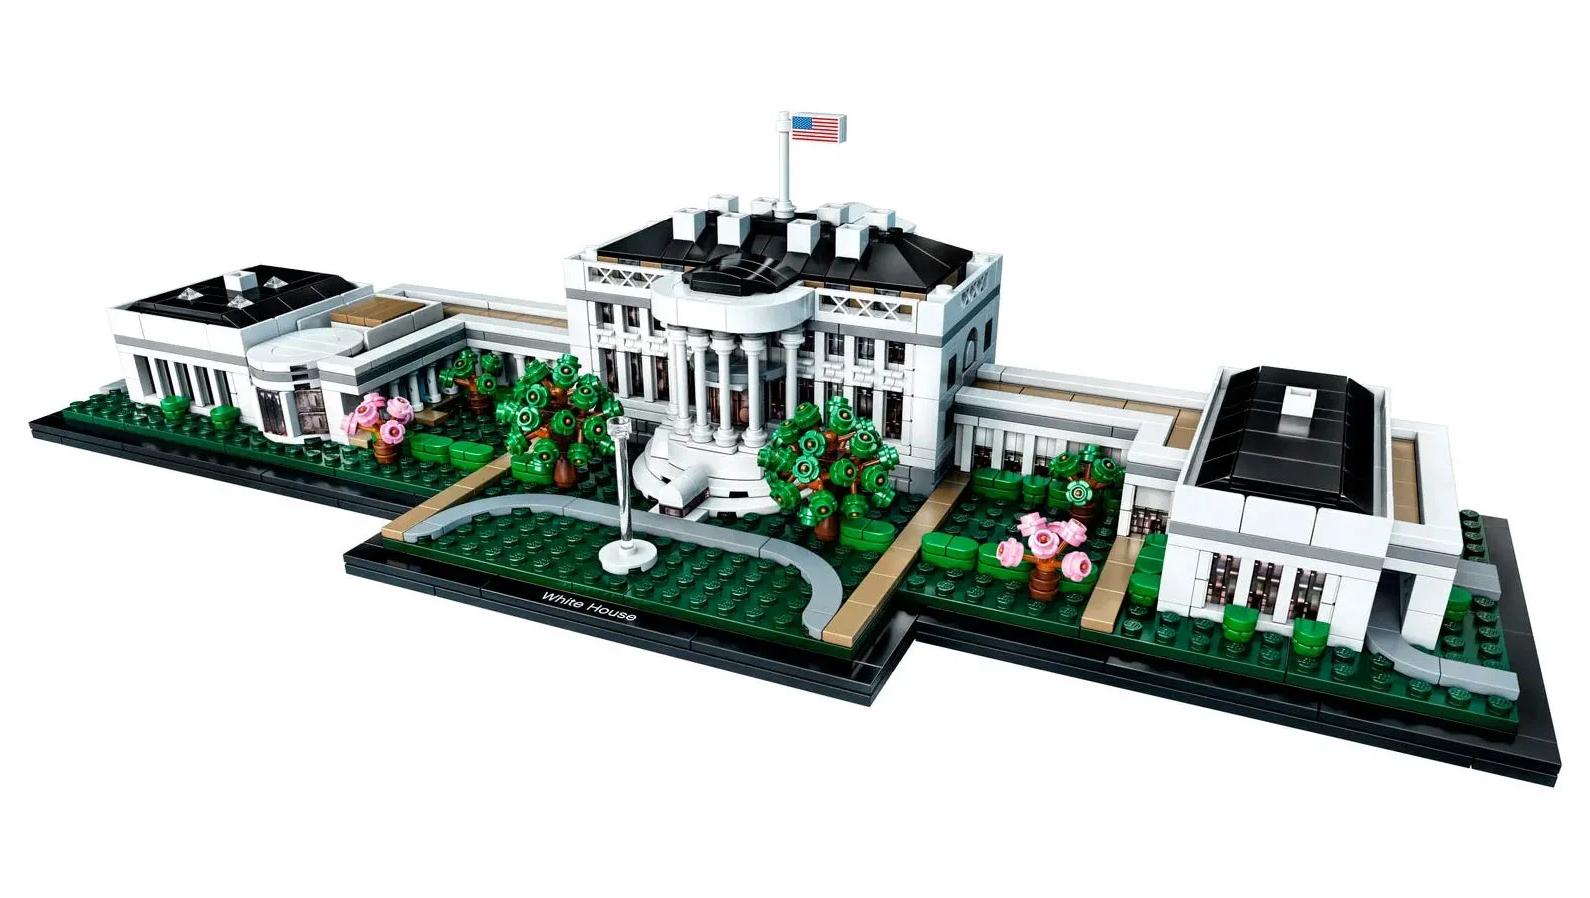 Maj Lego Pas De Promotion Des Lots Police Et Maison Blanche Pendant Le Blackout Tuesday